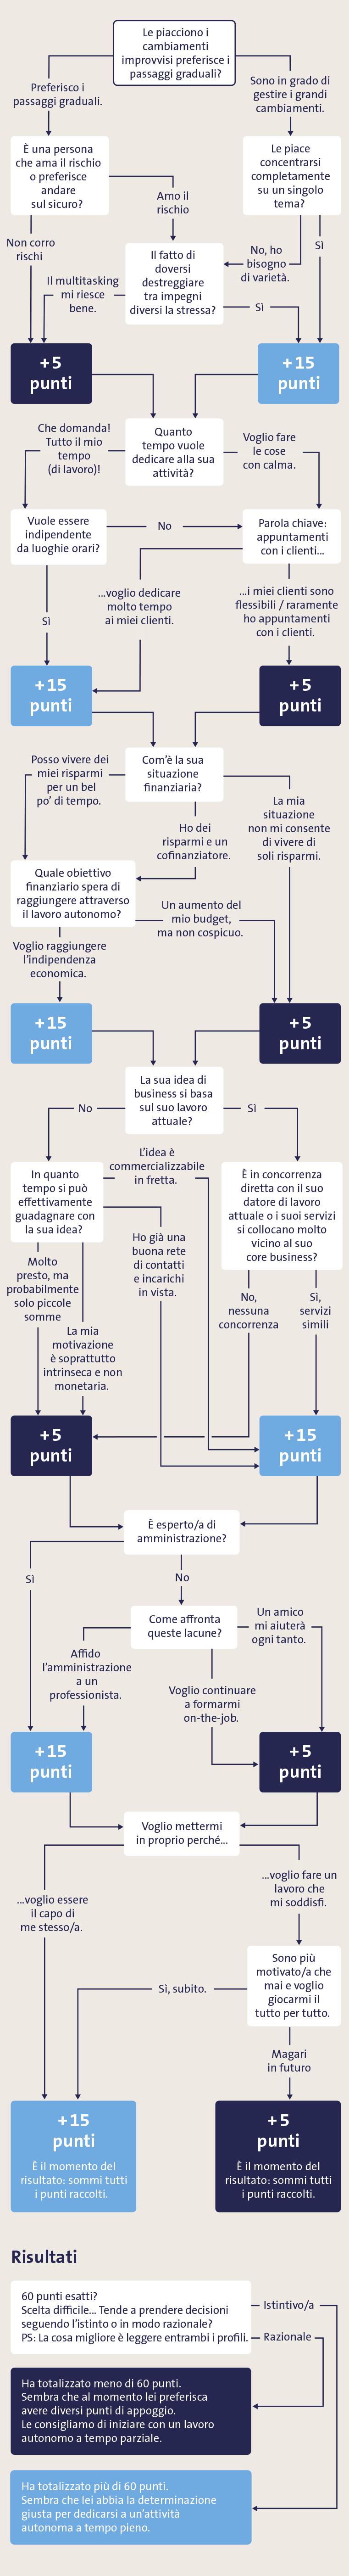 albero decisionale